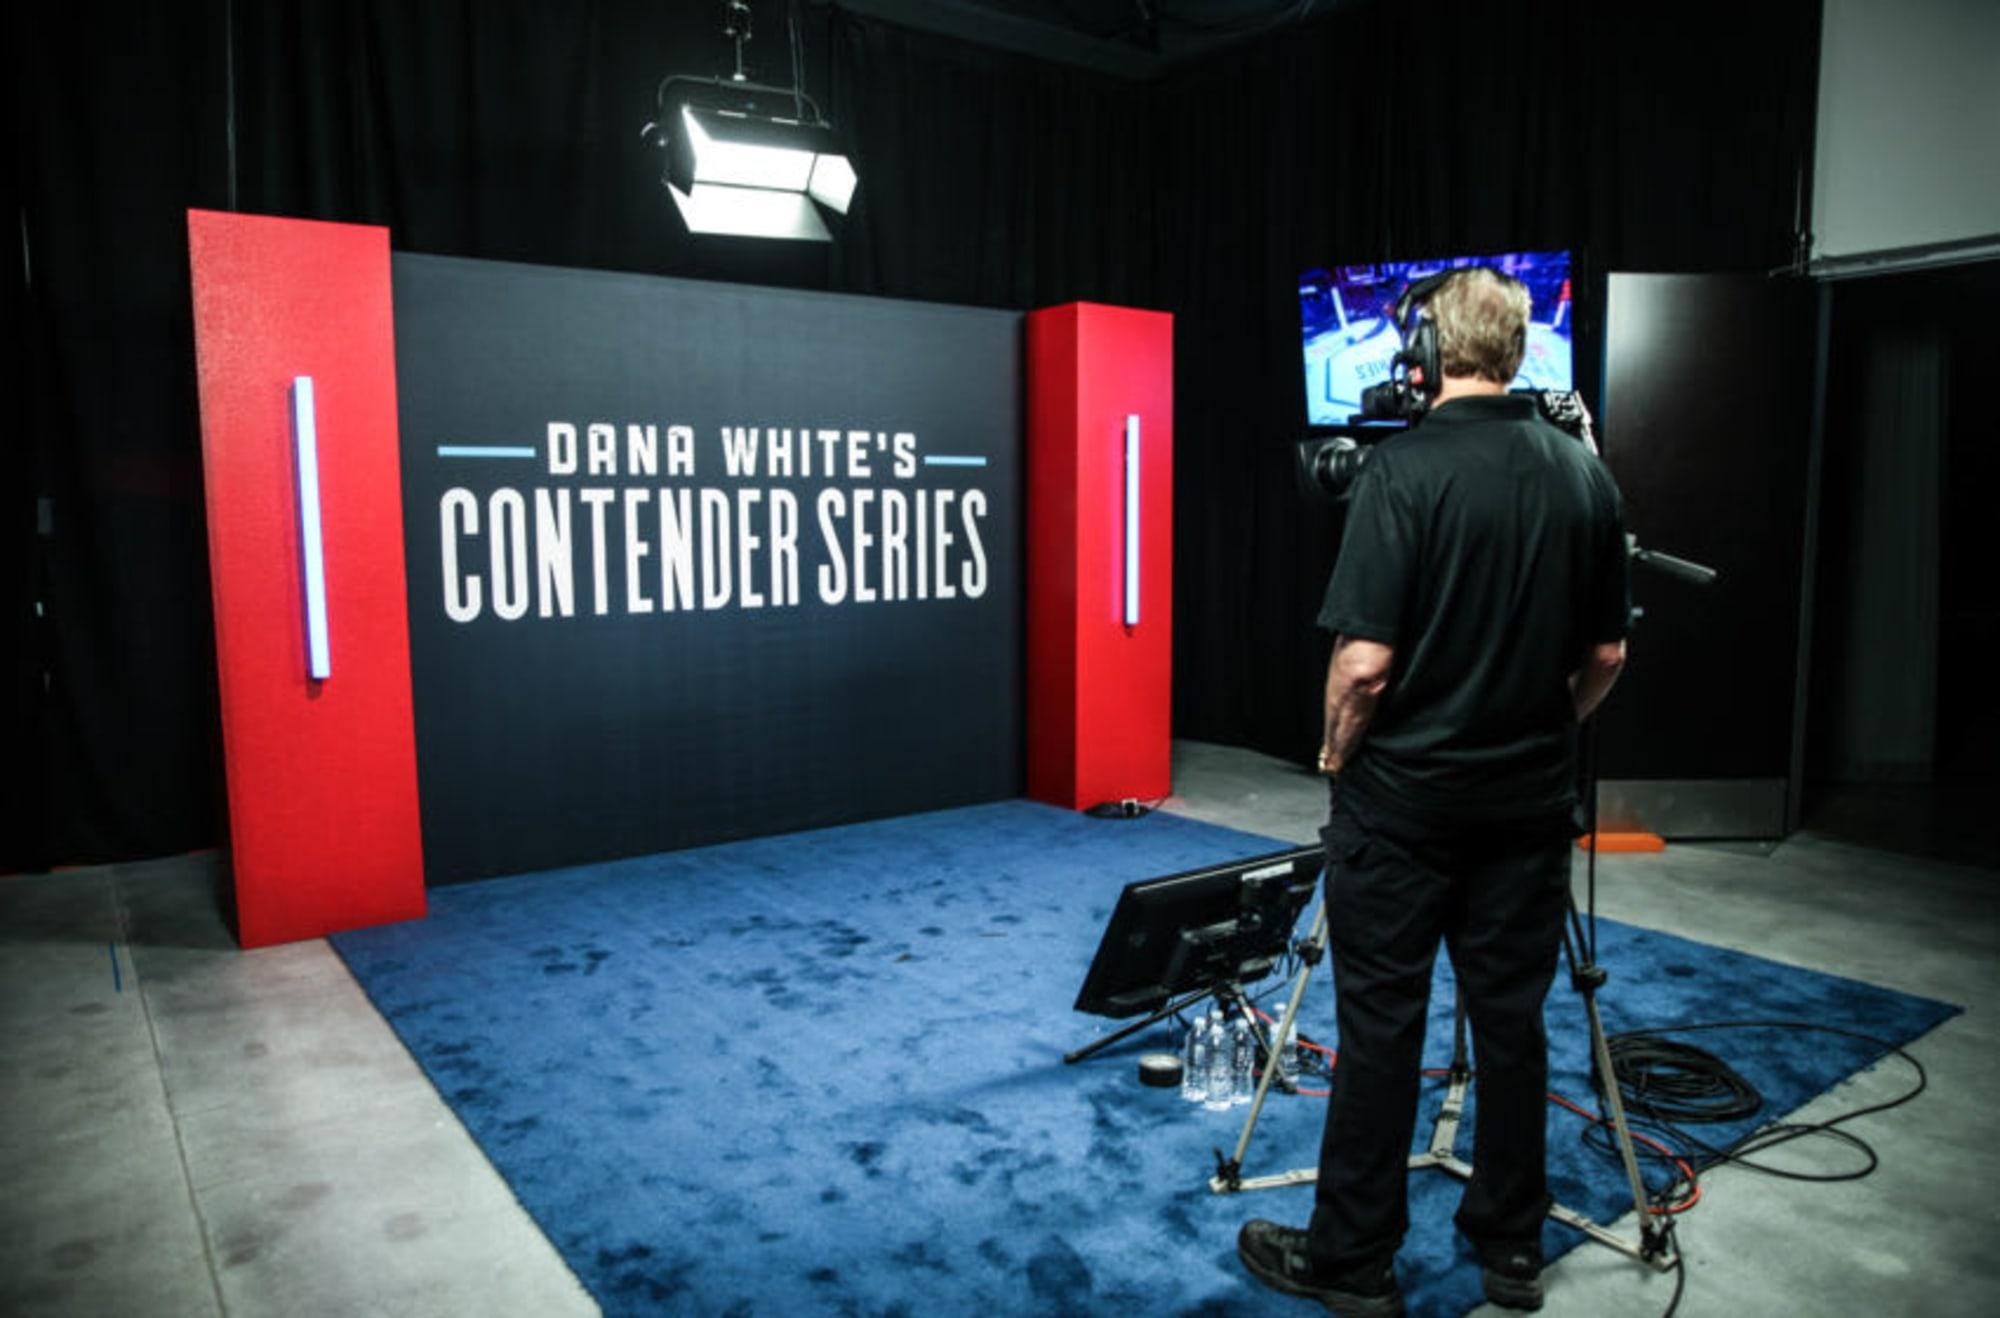 Todo lo que necesita saber sobre la temporada 5 de Dana White Contender Series